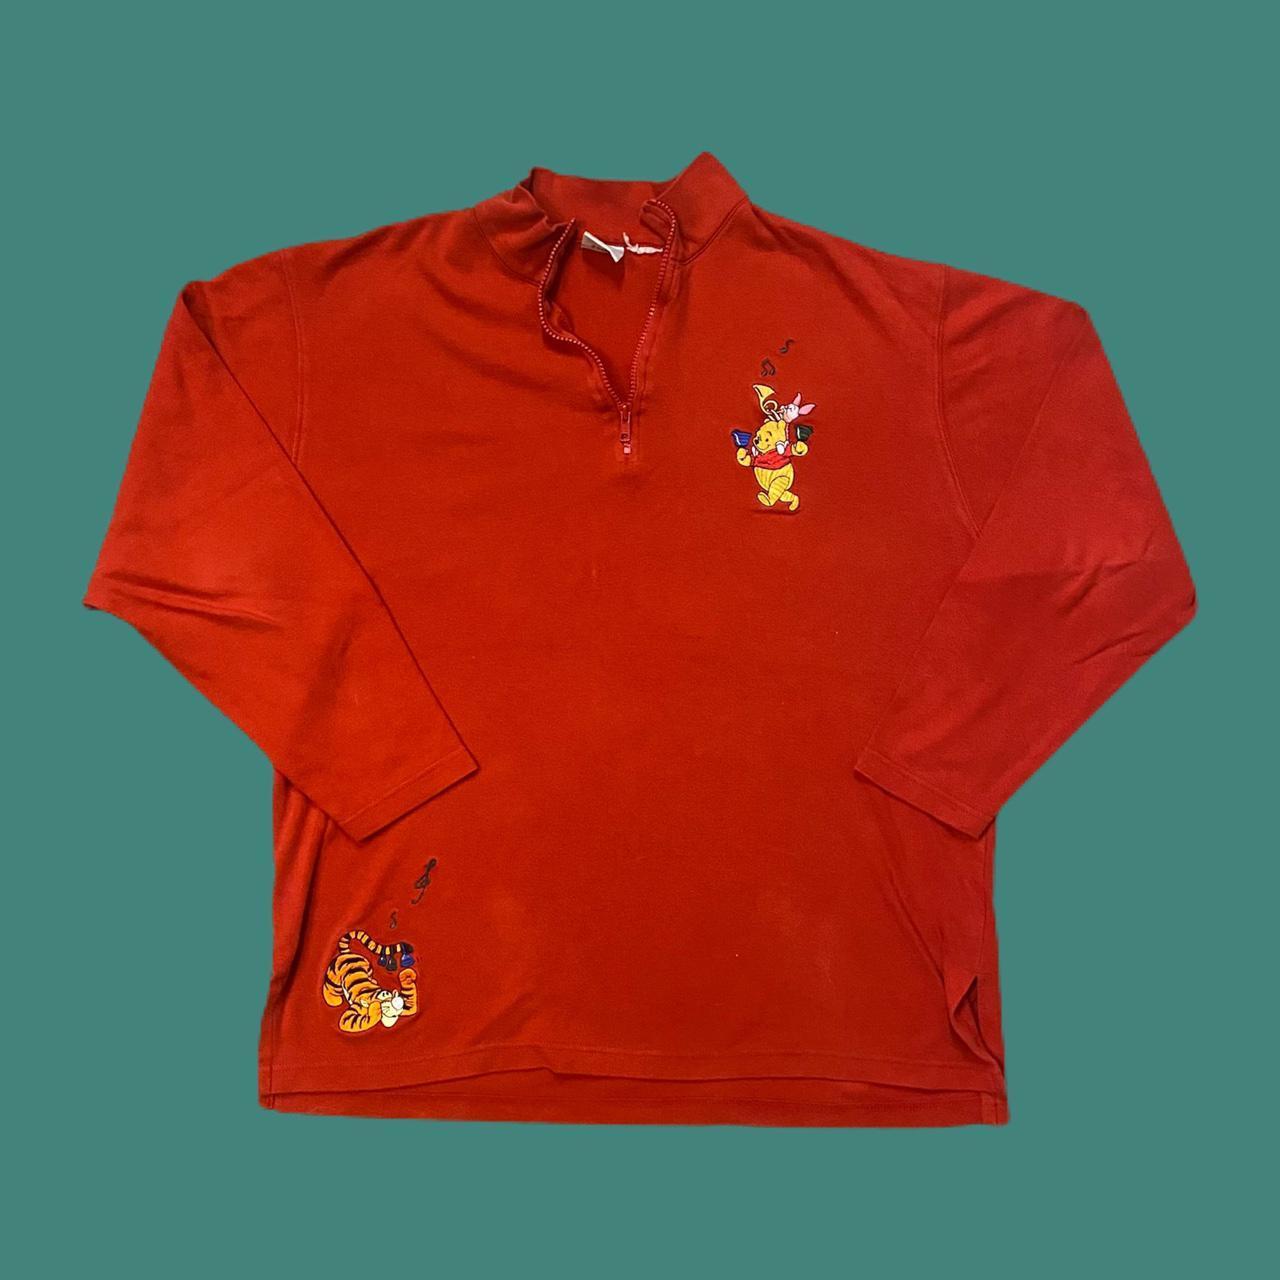 Product Image 1 - Vintage Disney Winnie the Pooh